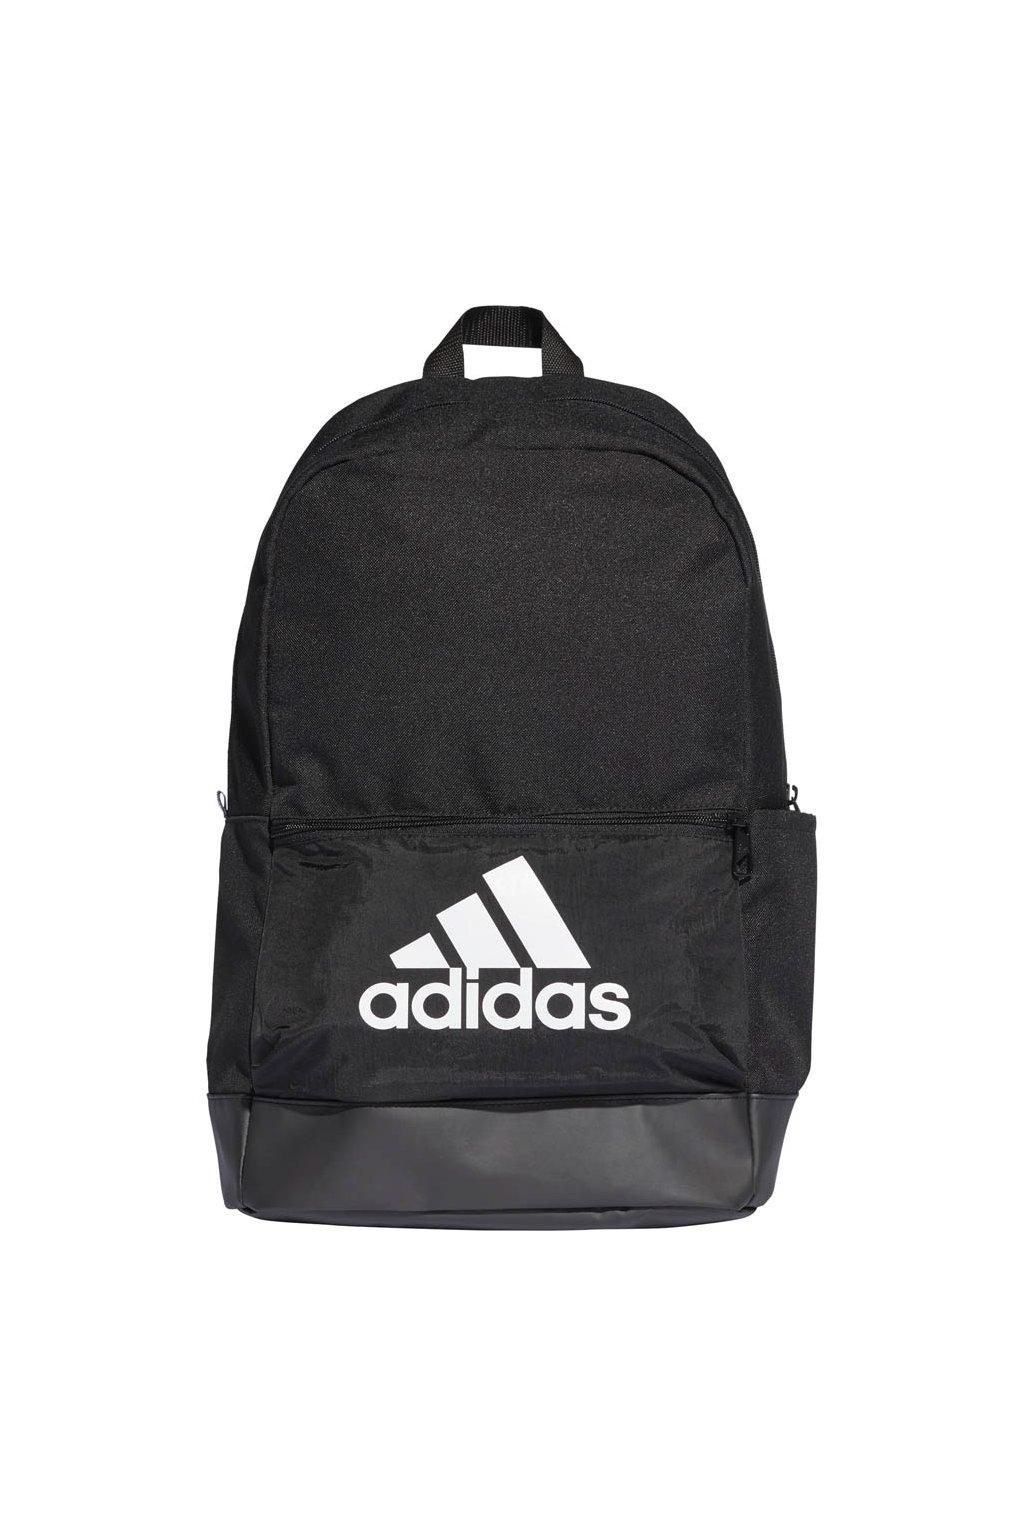 Batoh Adidas Classic BP Bos DT2628 čierny 24L